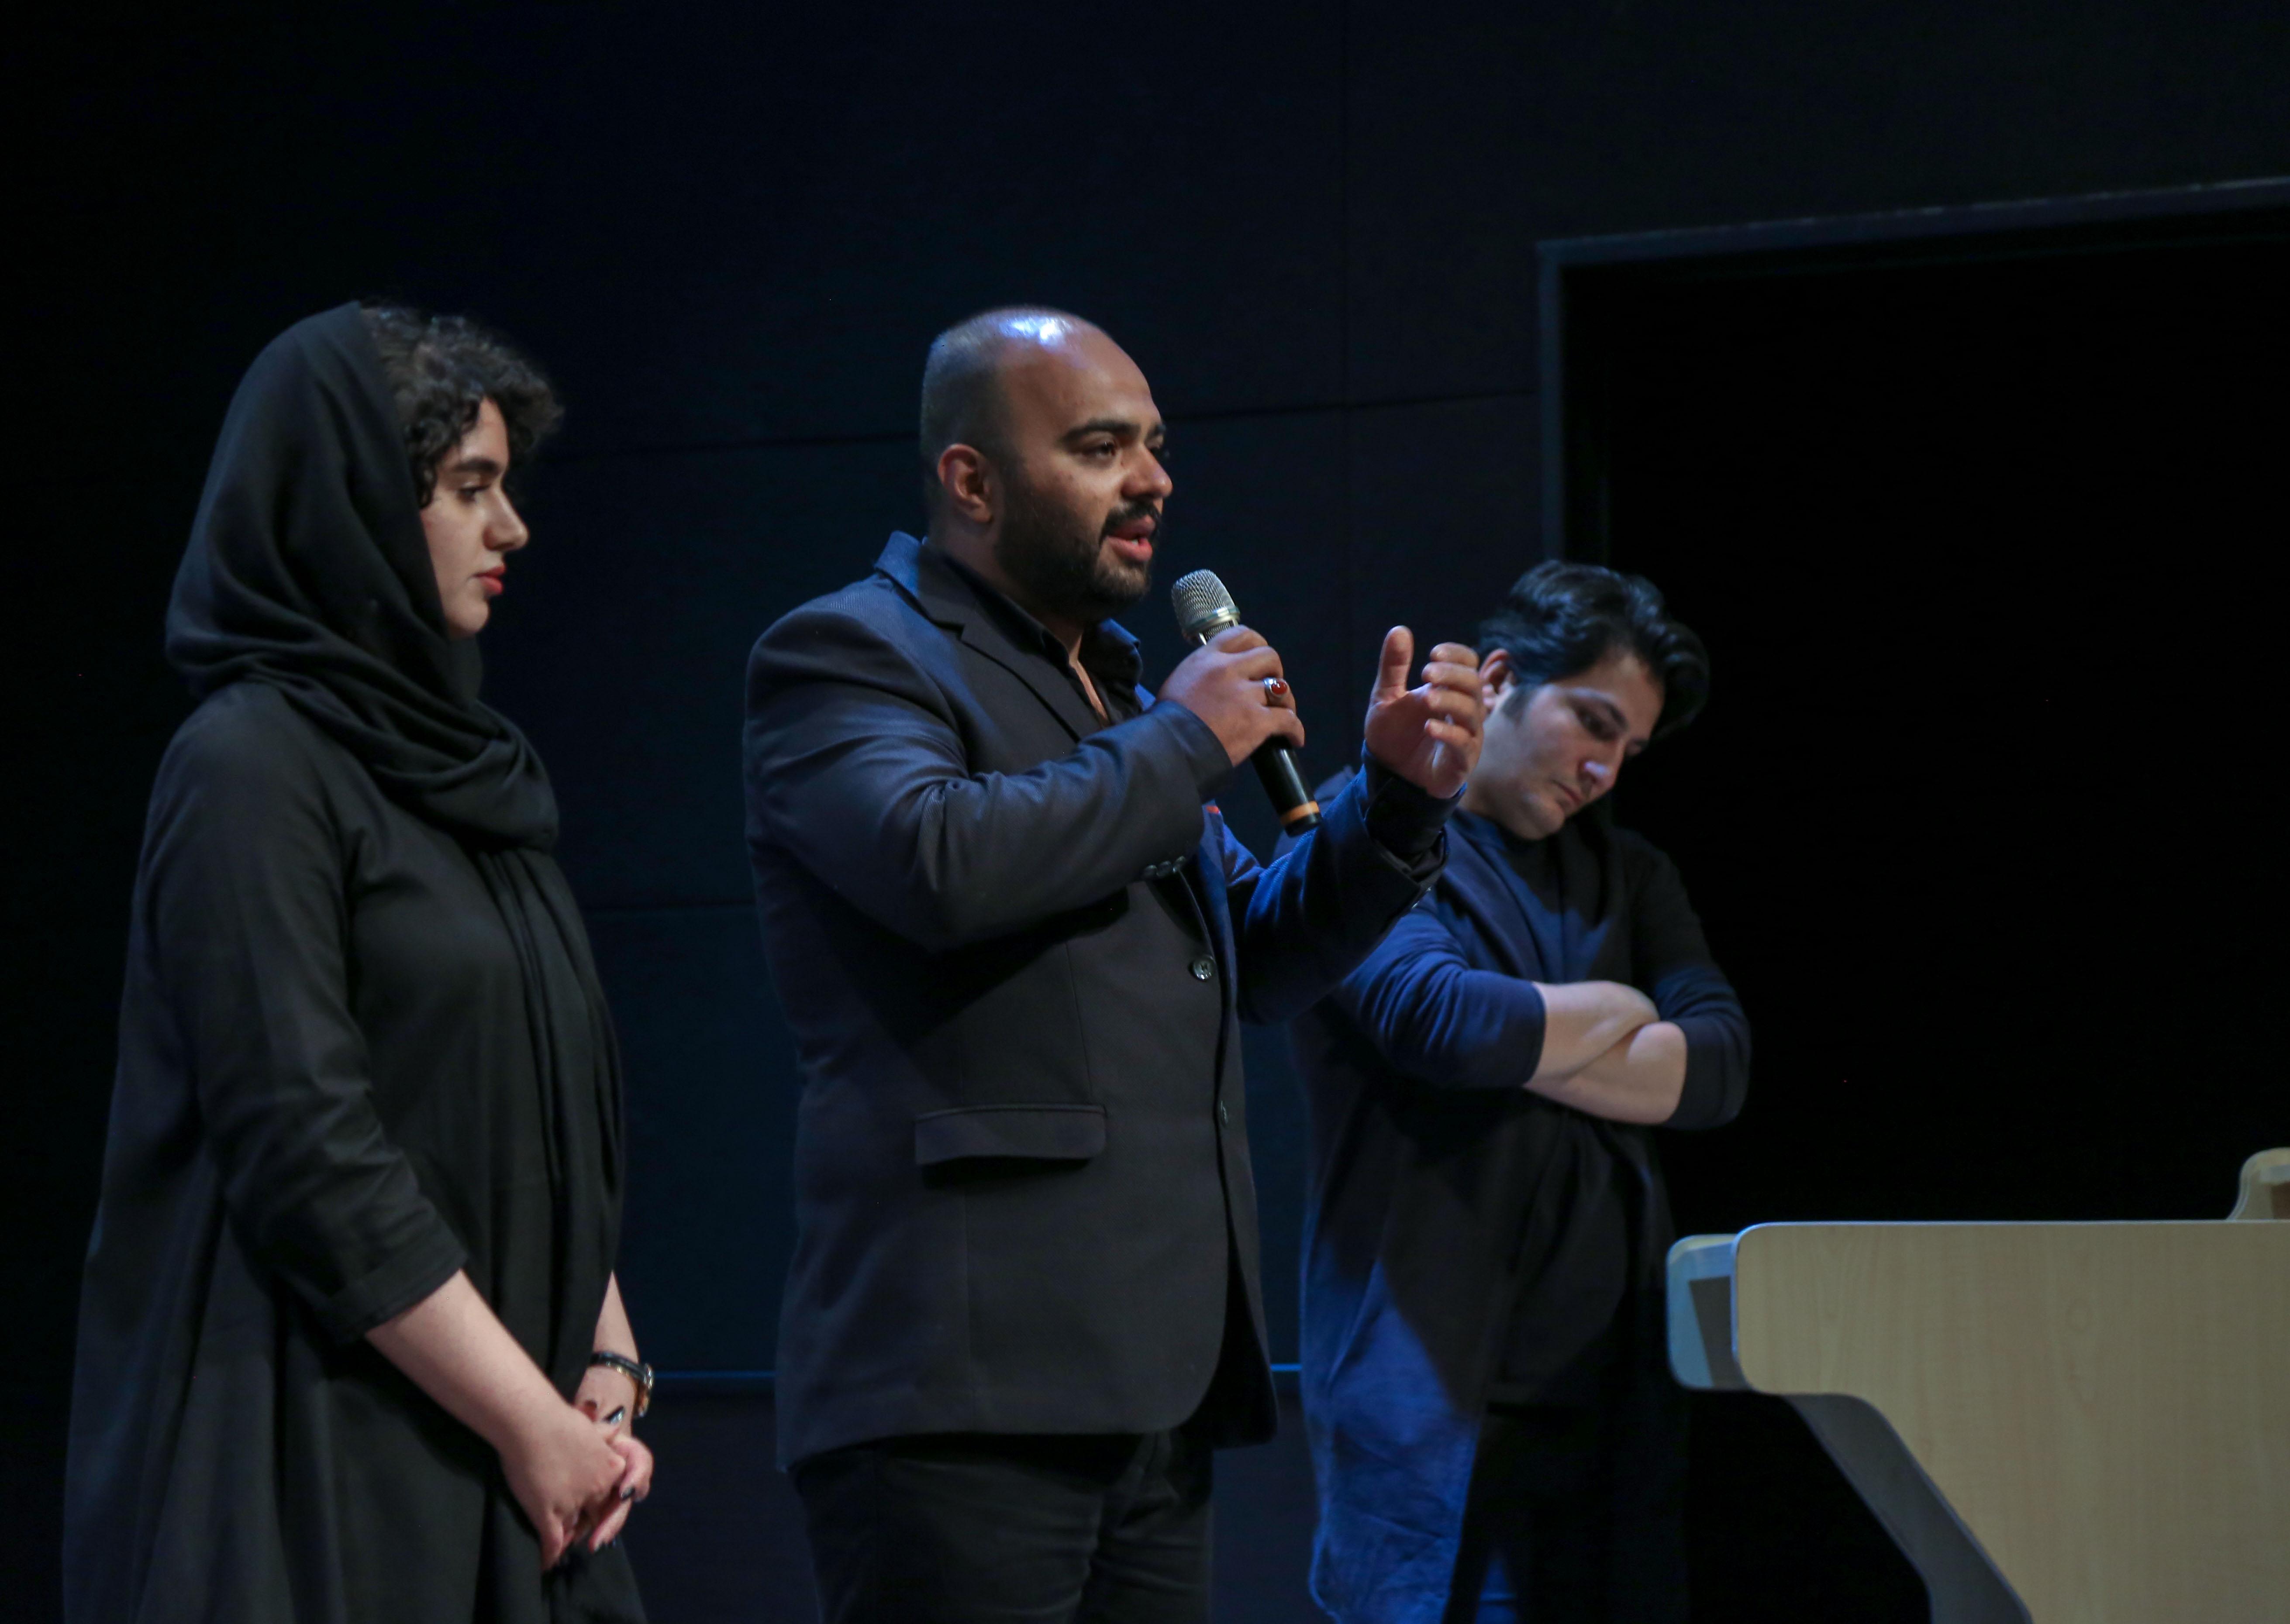 اکران خصوصی فیلم سینمایی «سکوت خبری»